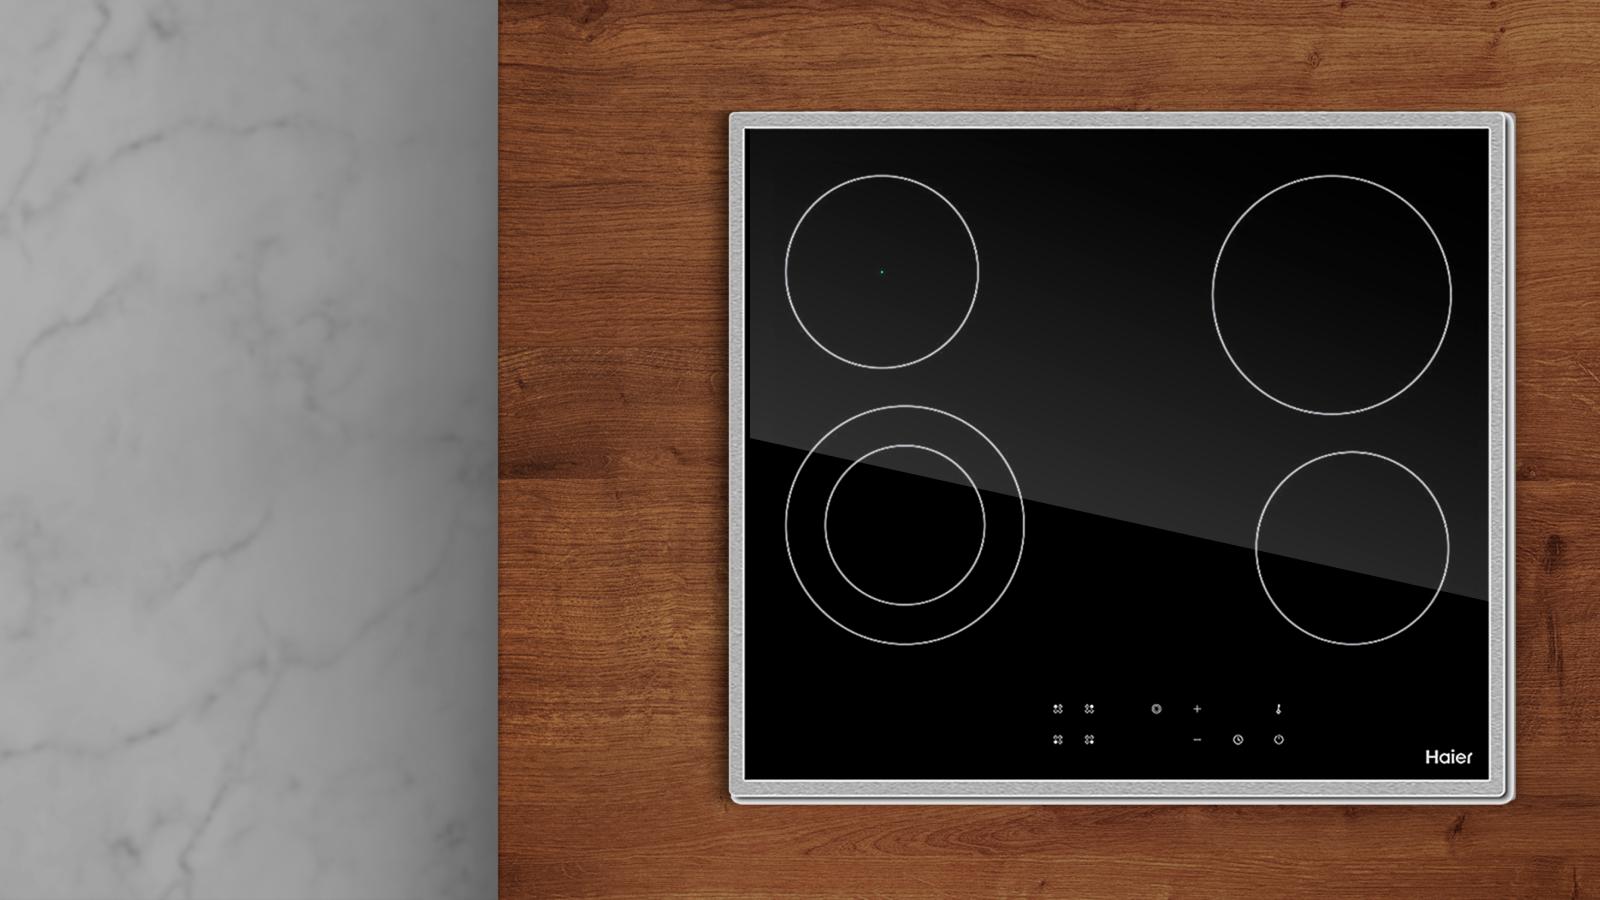 Серия стеклокерамических варочных панелей С64